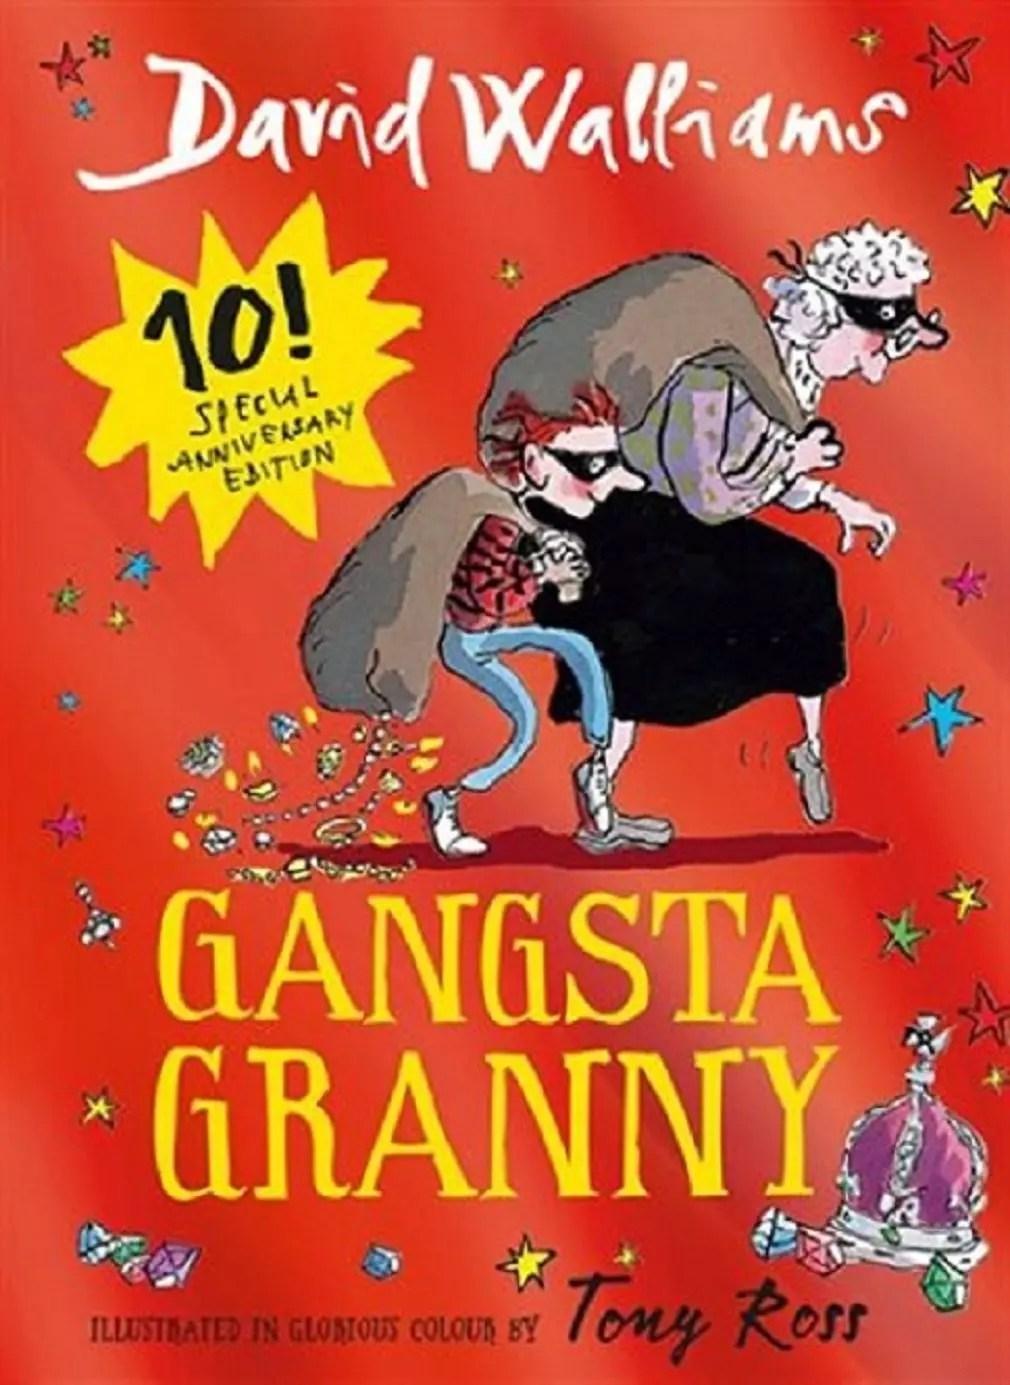 david walliams gangsta granny 10th ed